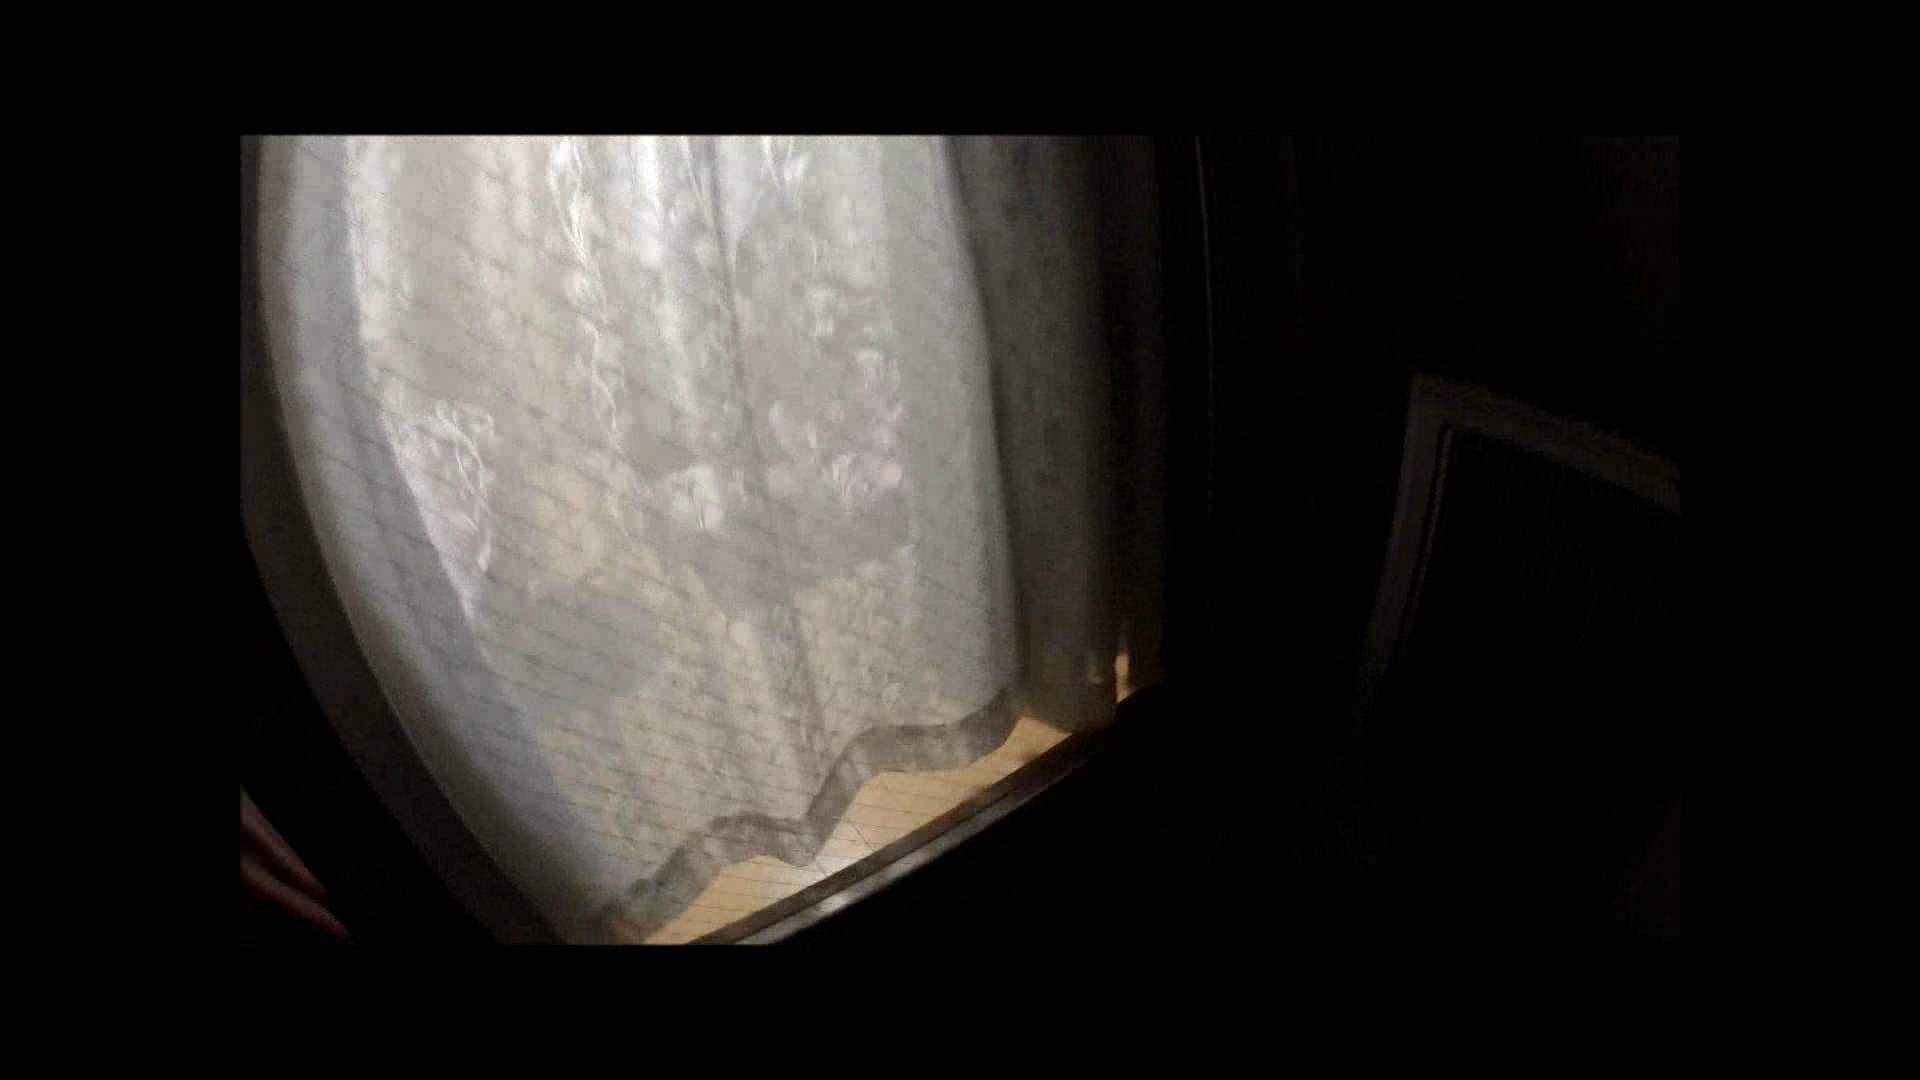 【04】別の日・・・魚眼レンズで広角に撮れました。 Hな熟女 えろ無修正画像 111pic 39